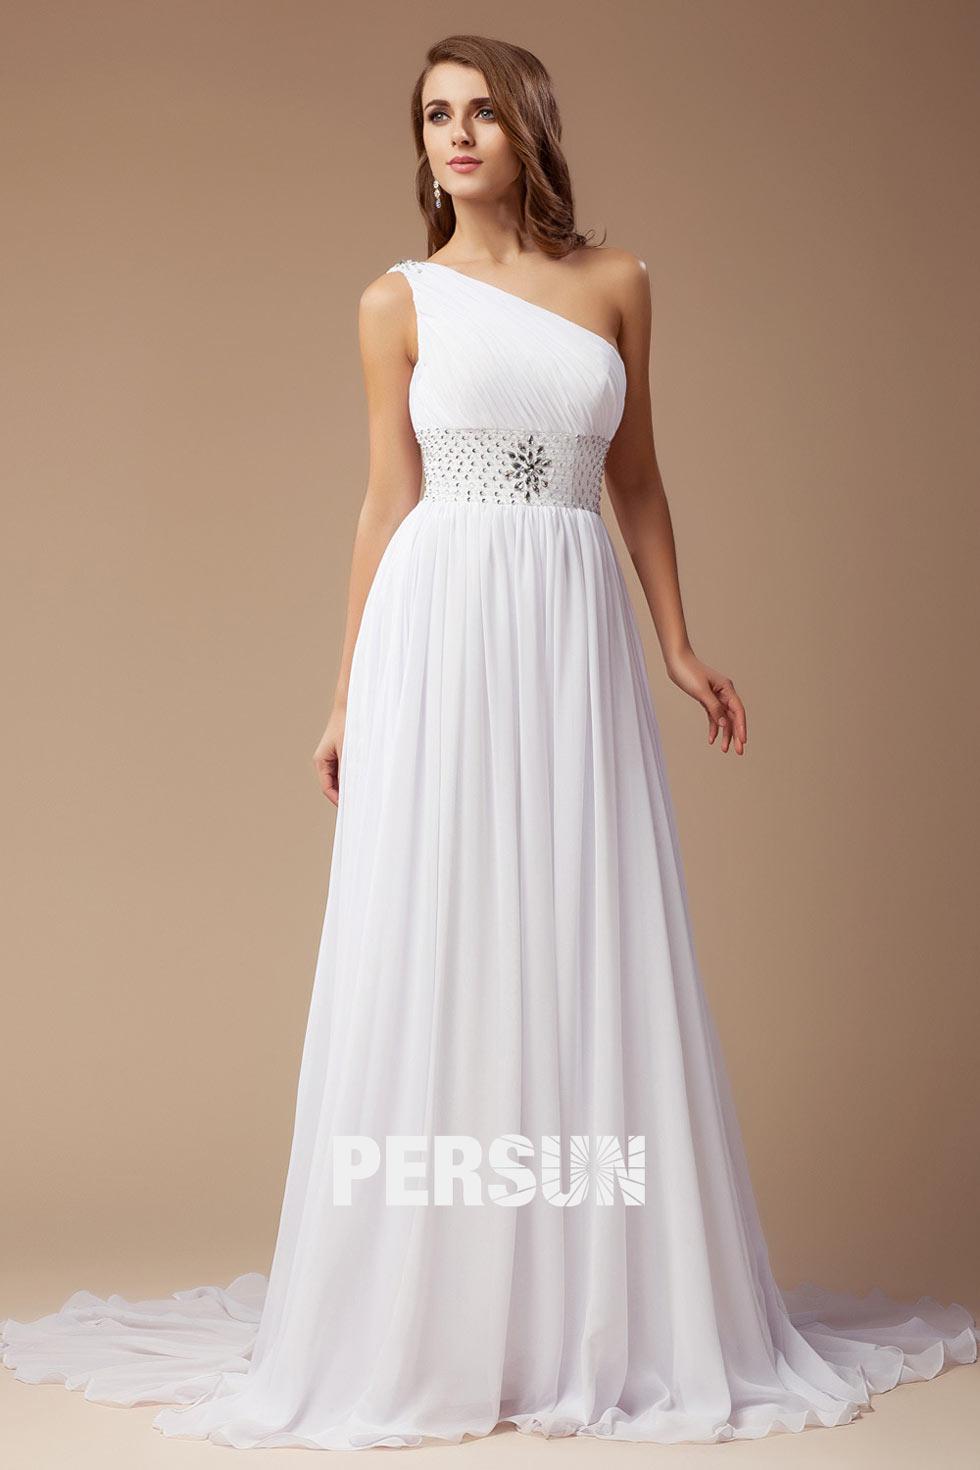 Robe de soiree blanche et strass